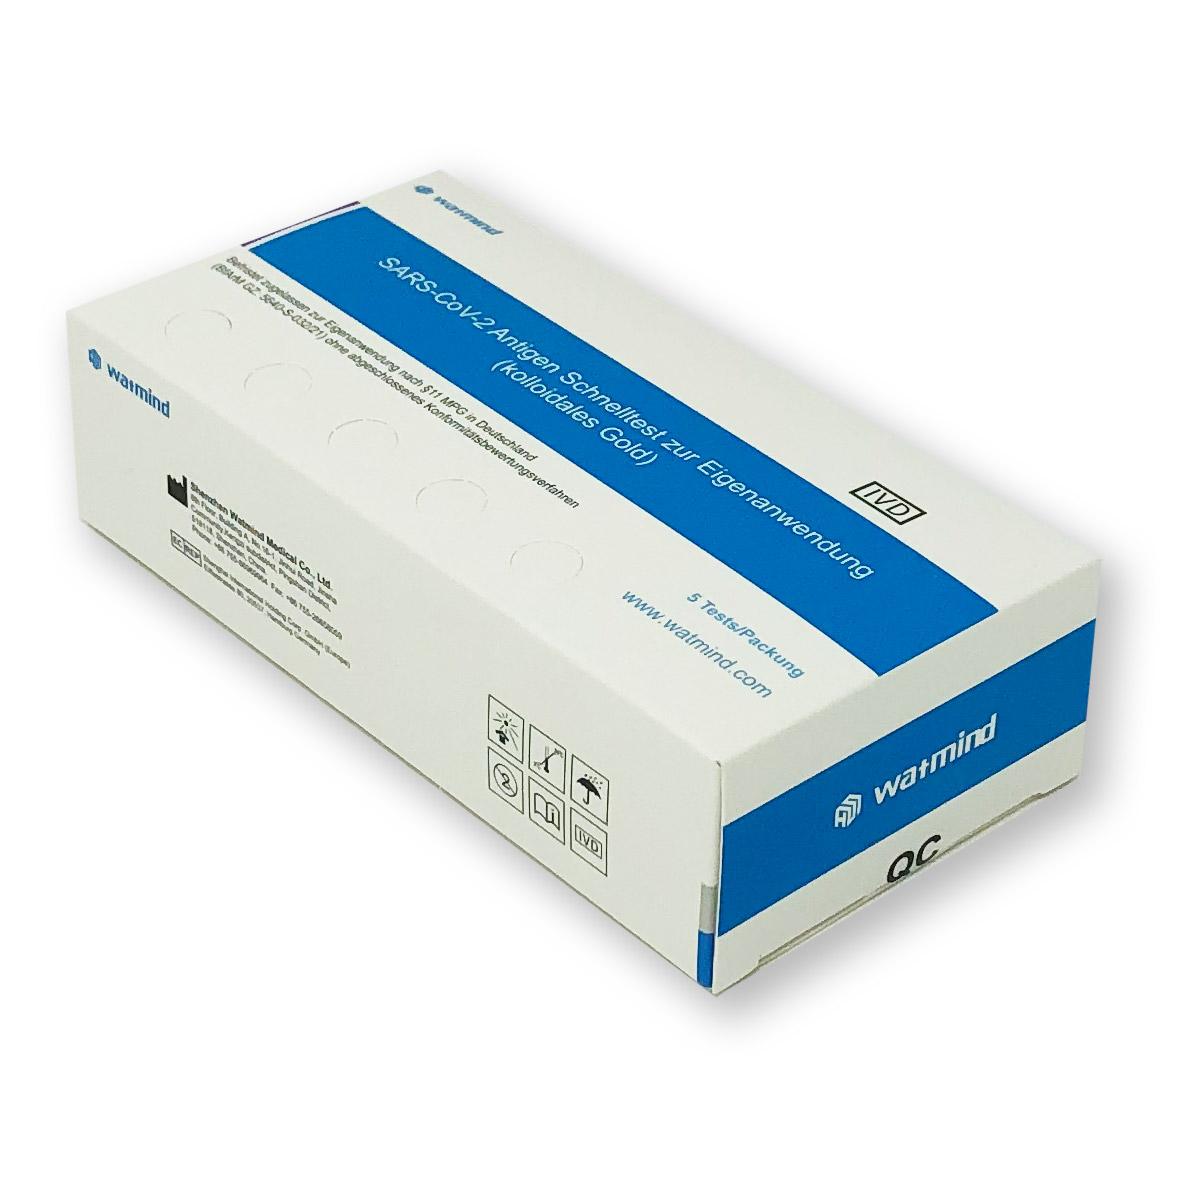 Watmind Lollypop-Test für Laien (Colloidal Gold) - Corona Antigen-Schnelltest - Packung á 5 Stück